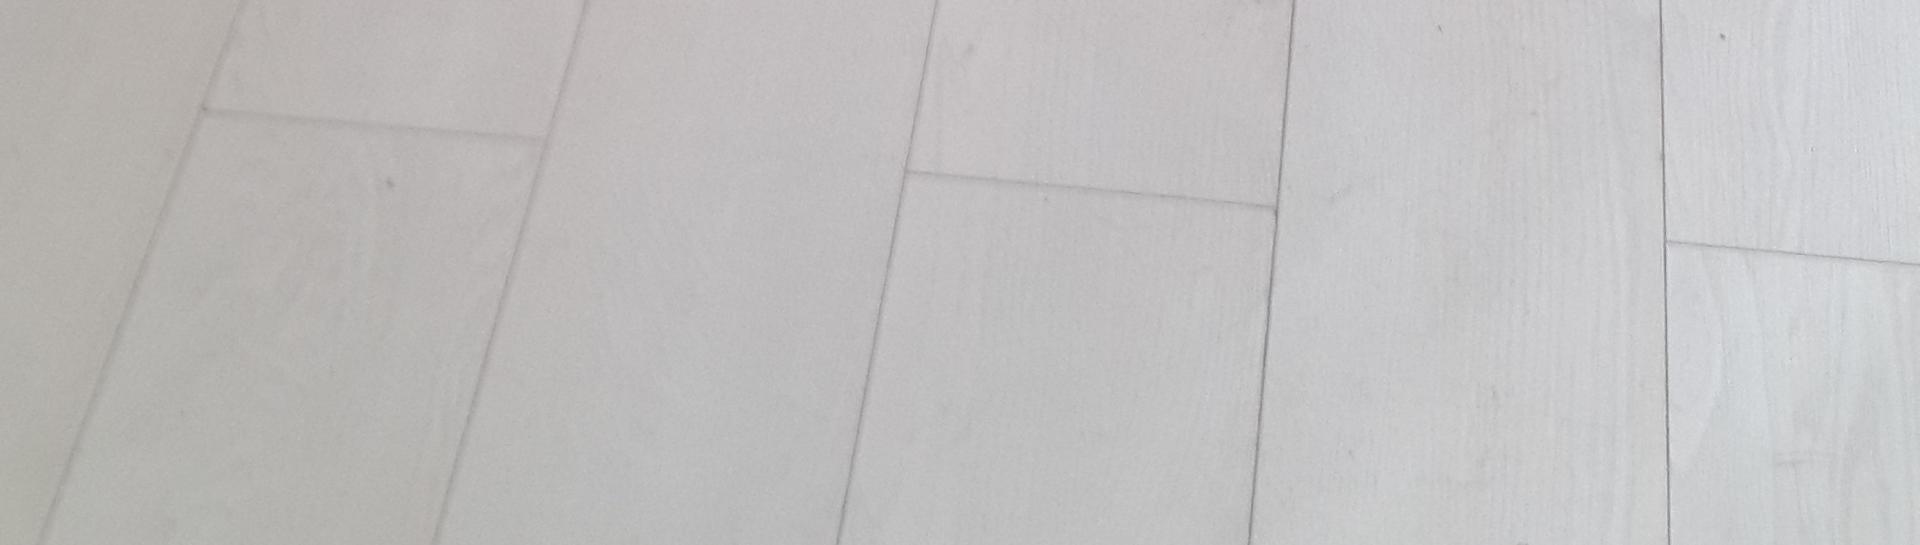 פרקטים לבנים – למראה נקי ויוקרתי